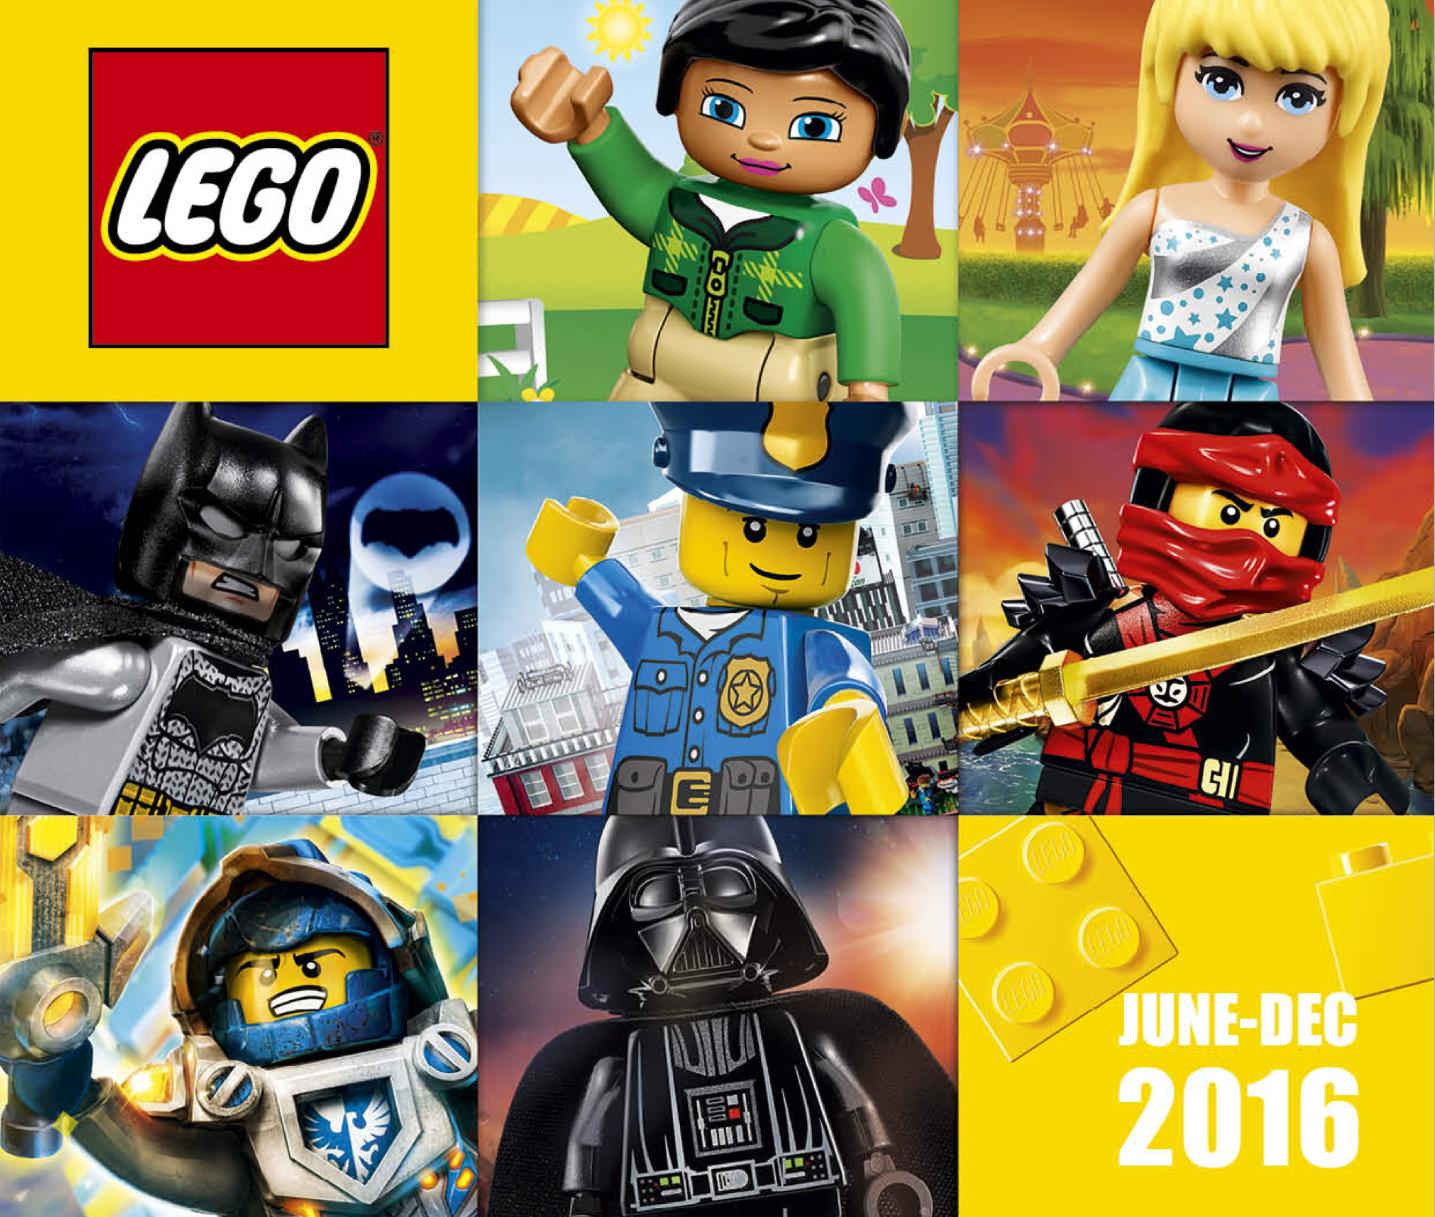 Second Half 2016 LEGO Catalogue (June – December) – Jay's Brick Blog